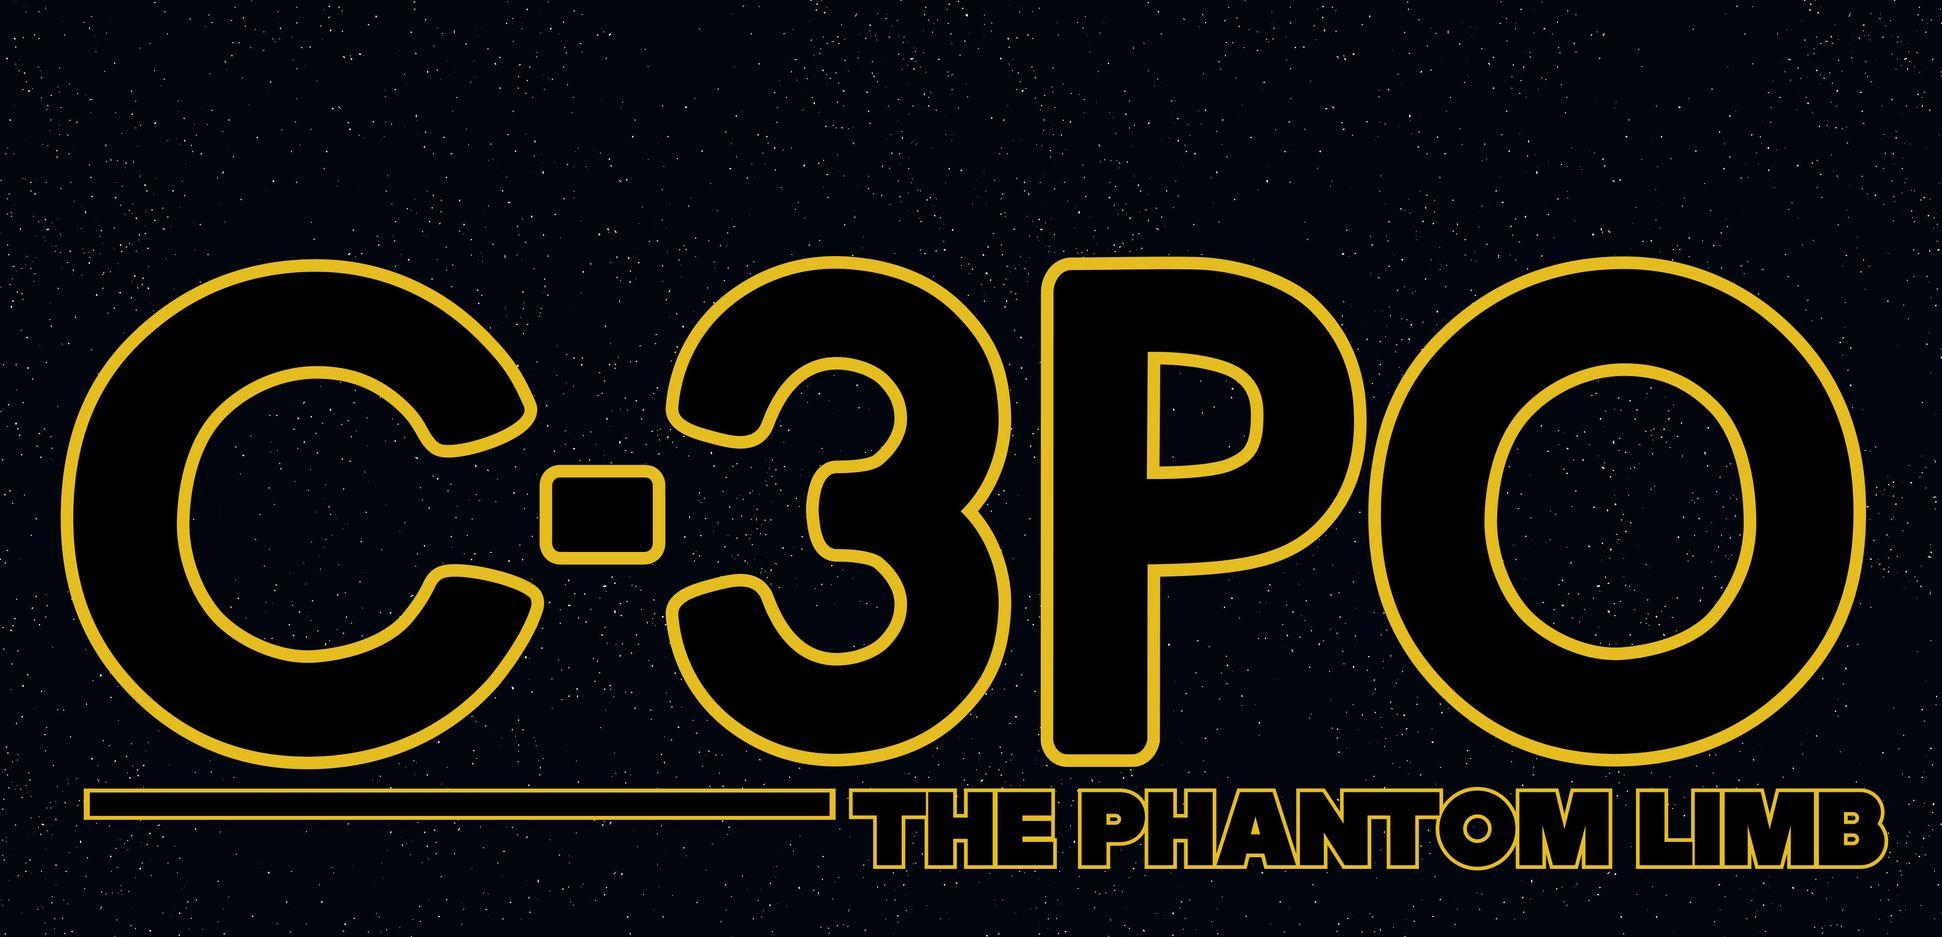 C-3P0 y el miembro fantasma #StarWars #elDespertardelafuerza #c3po